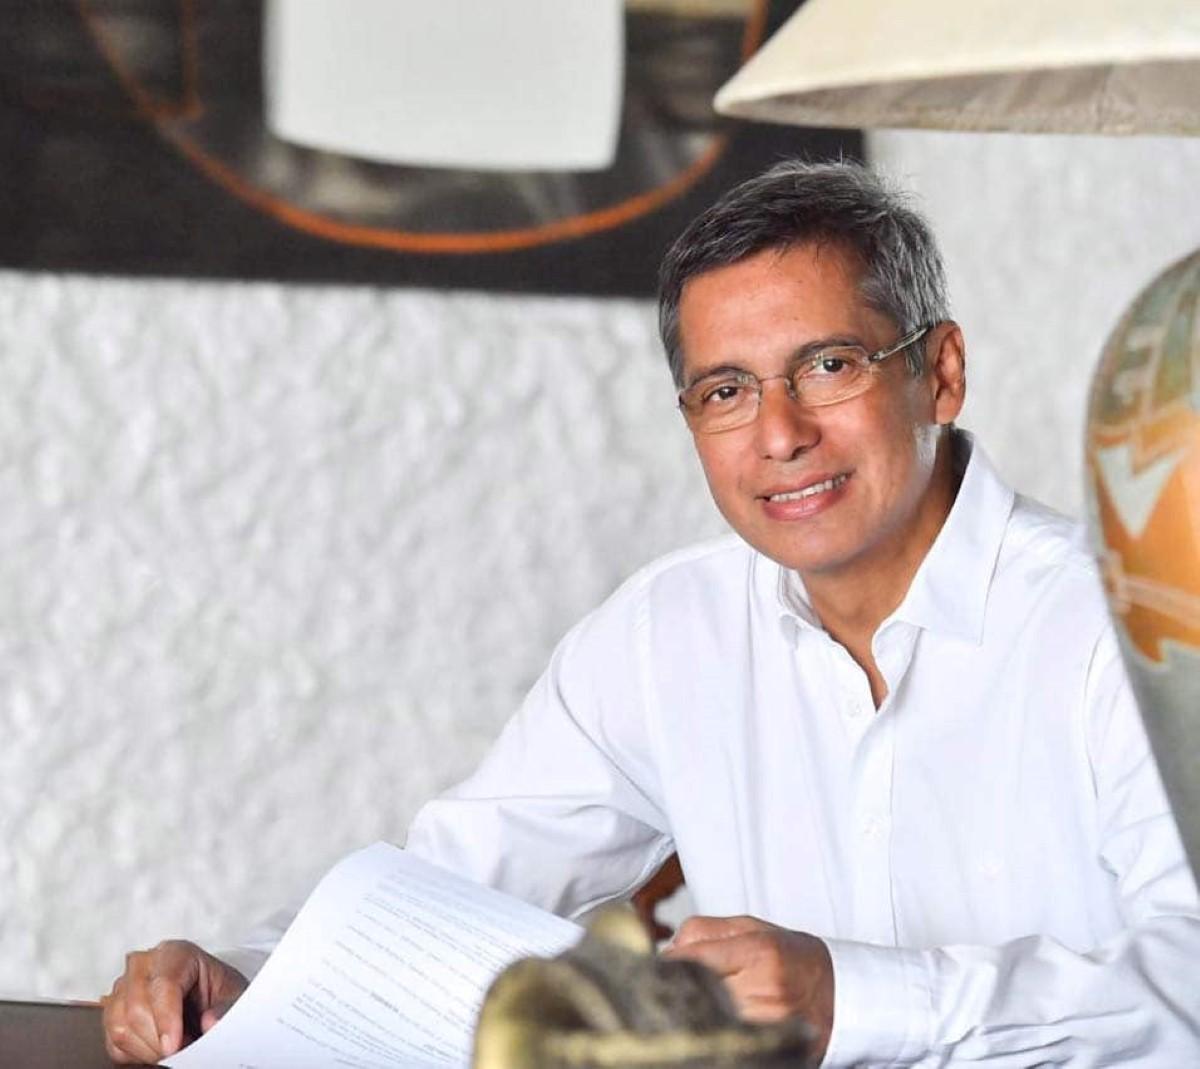 Xavier Duval déplore le «secret absolu entourant la nomination du futur Président»